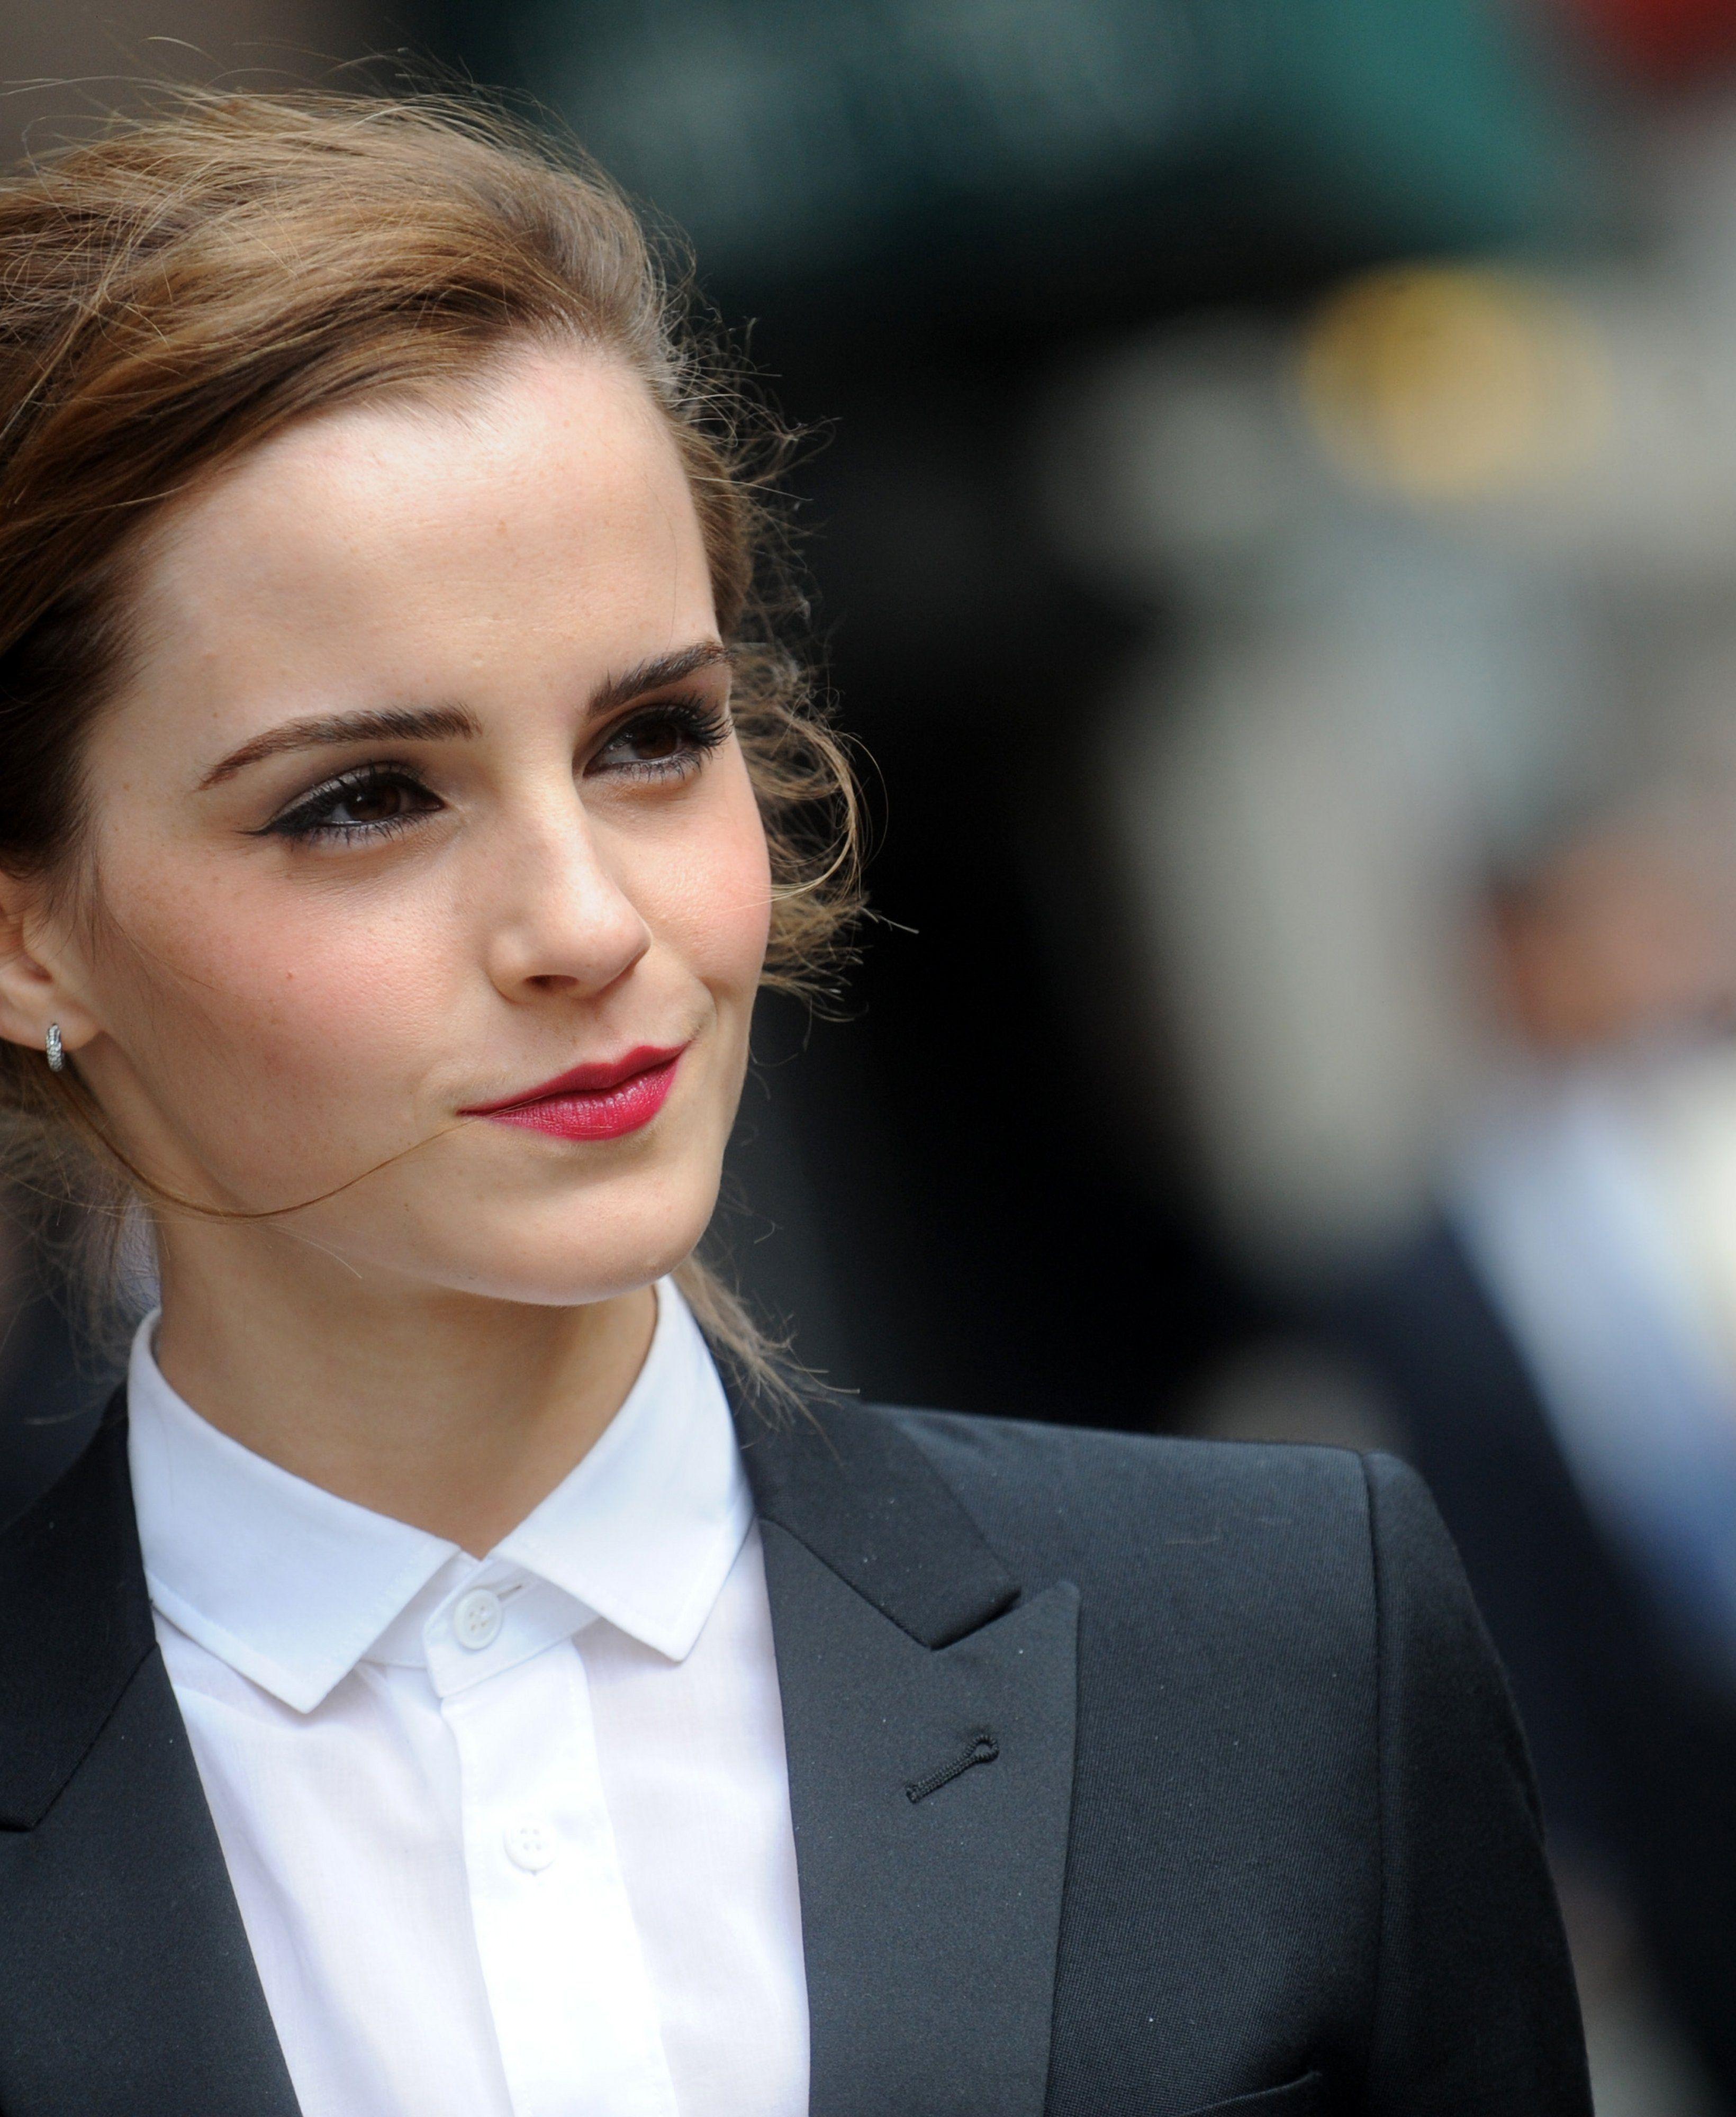 Emma Watson Photos Emma watson style, Emma watson